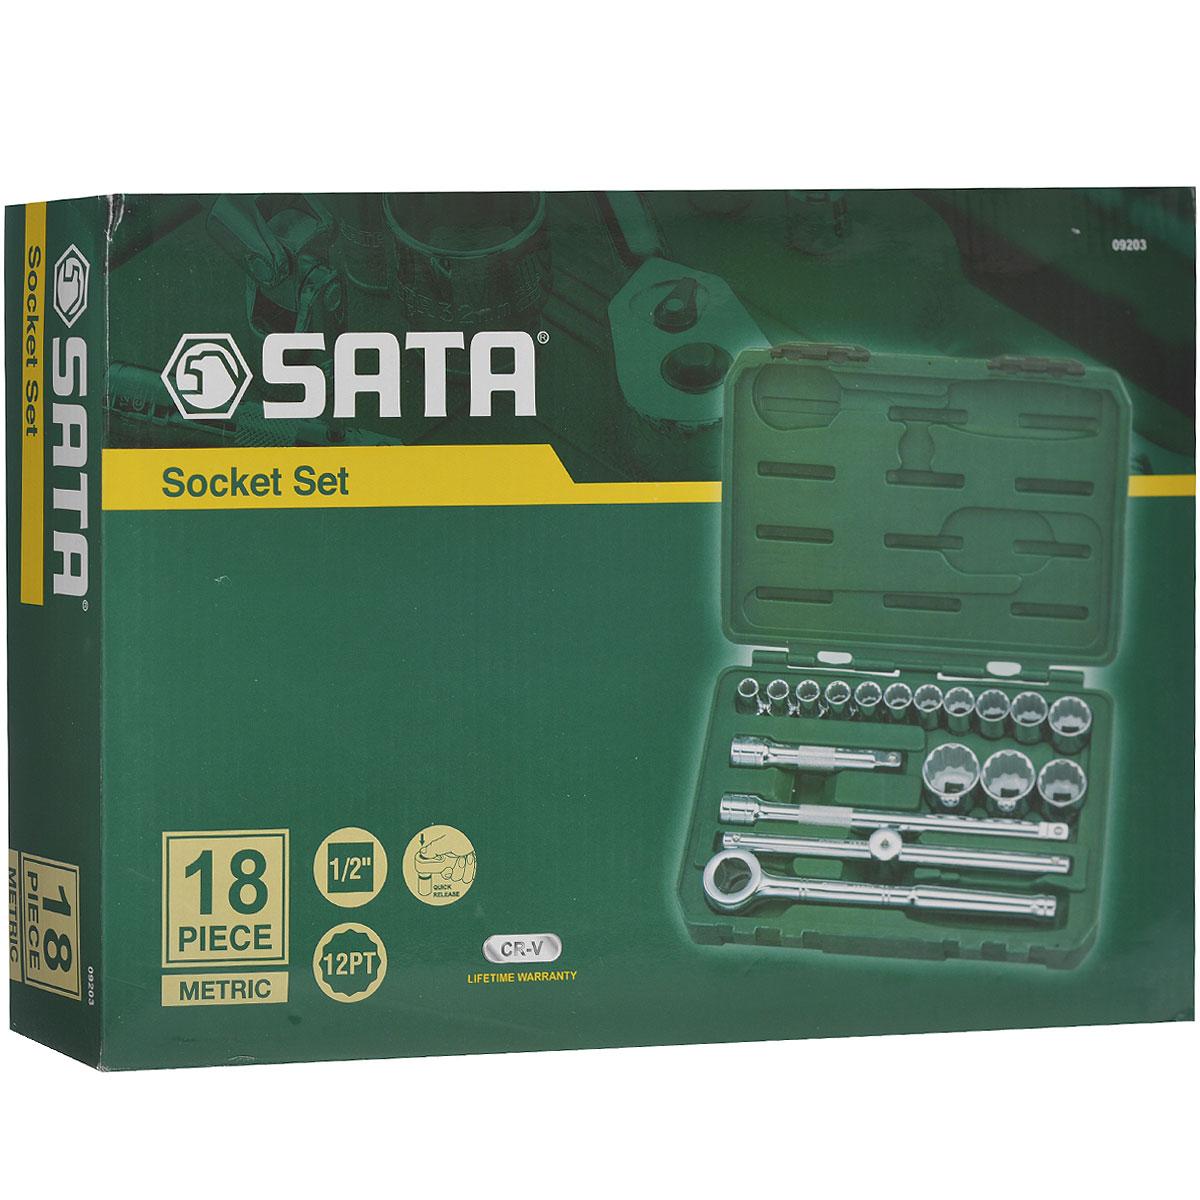 Набор торцевых головок SATA 18пр. 09203 набор инструментов sata sata 26 предметов 09502